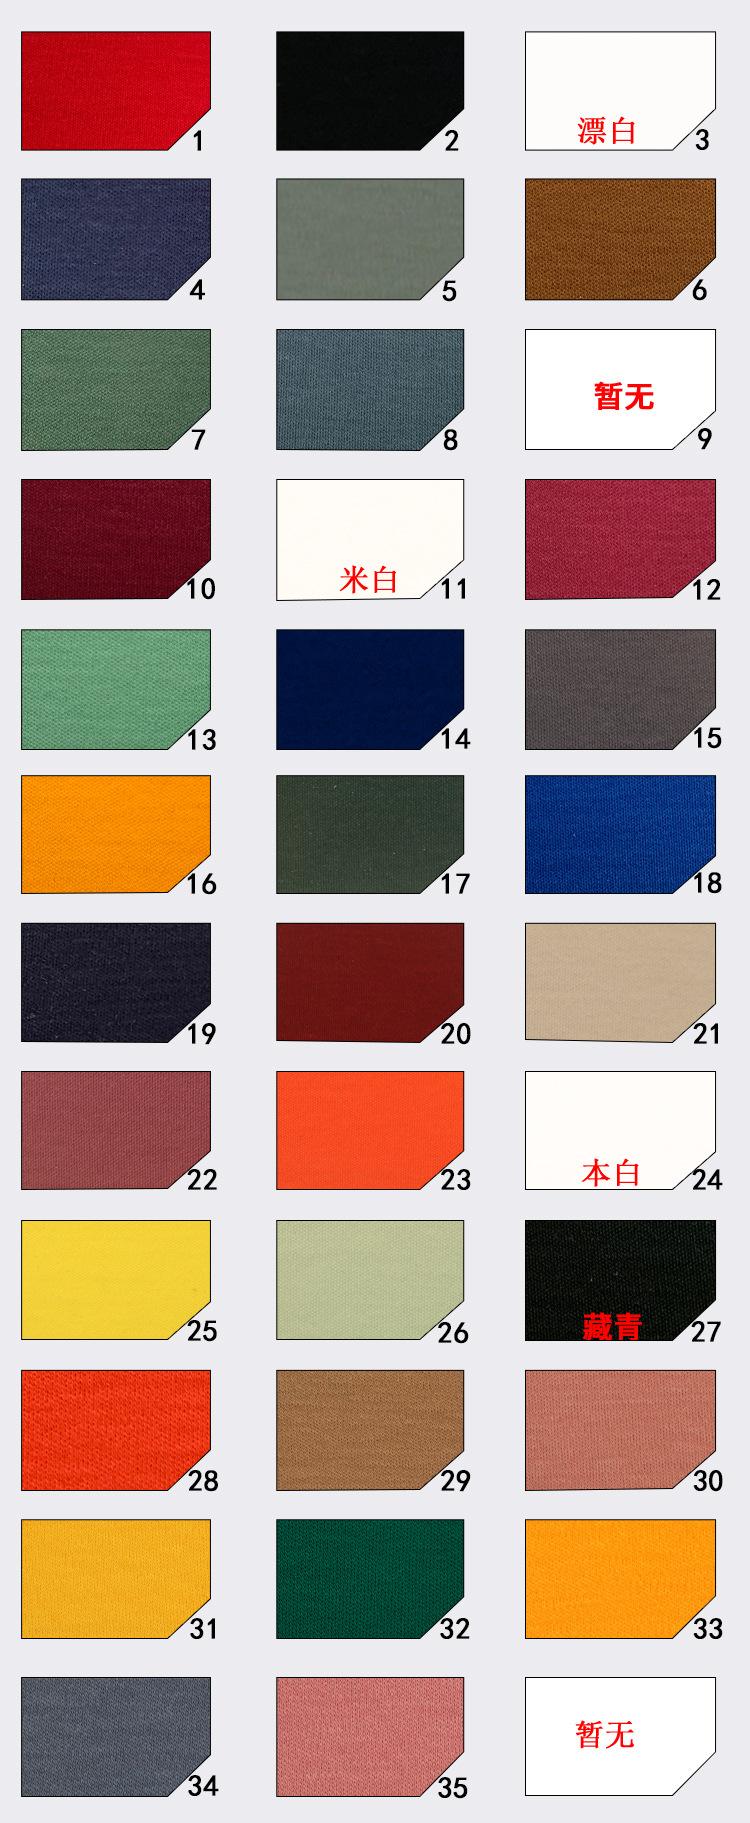 Vải Jersey 70 áo cotton dài chủ yếu 2020 mùa xuân và mùa hè nam và nữ mới Áo thun vải dệt kim nhà má